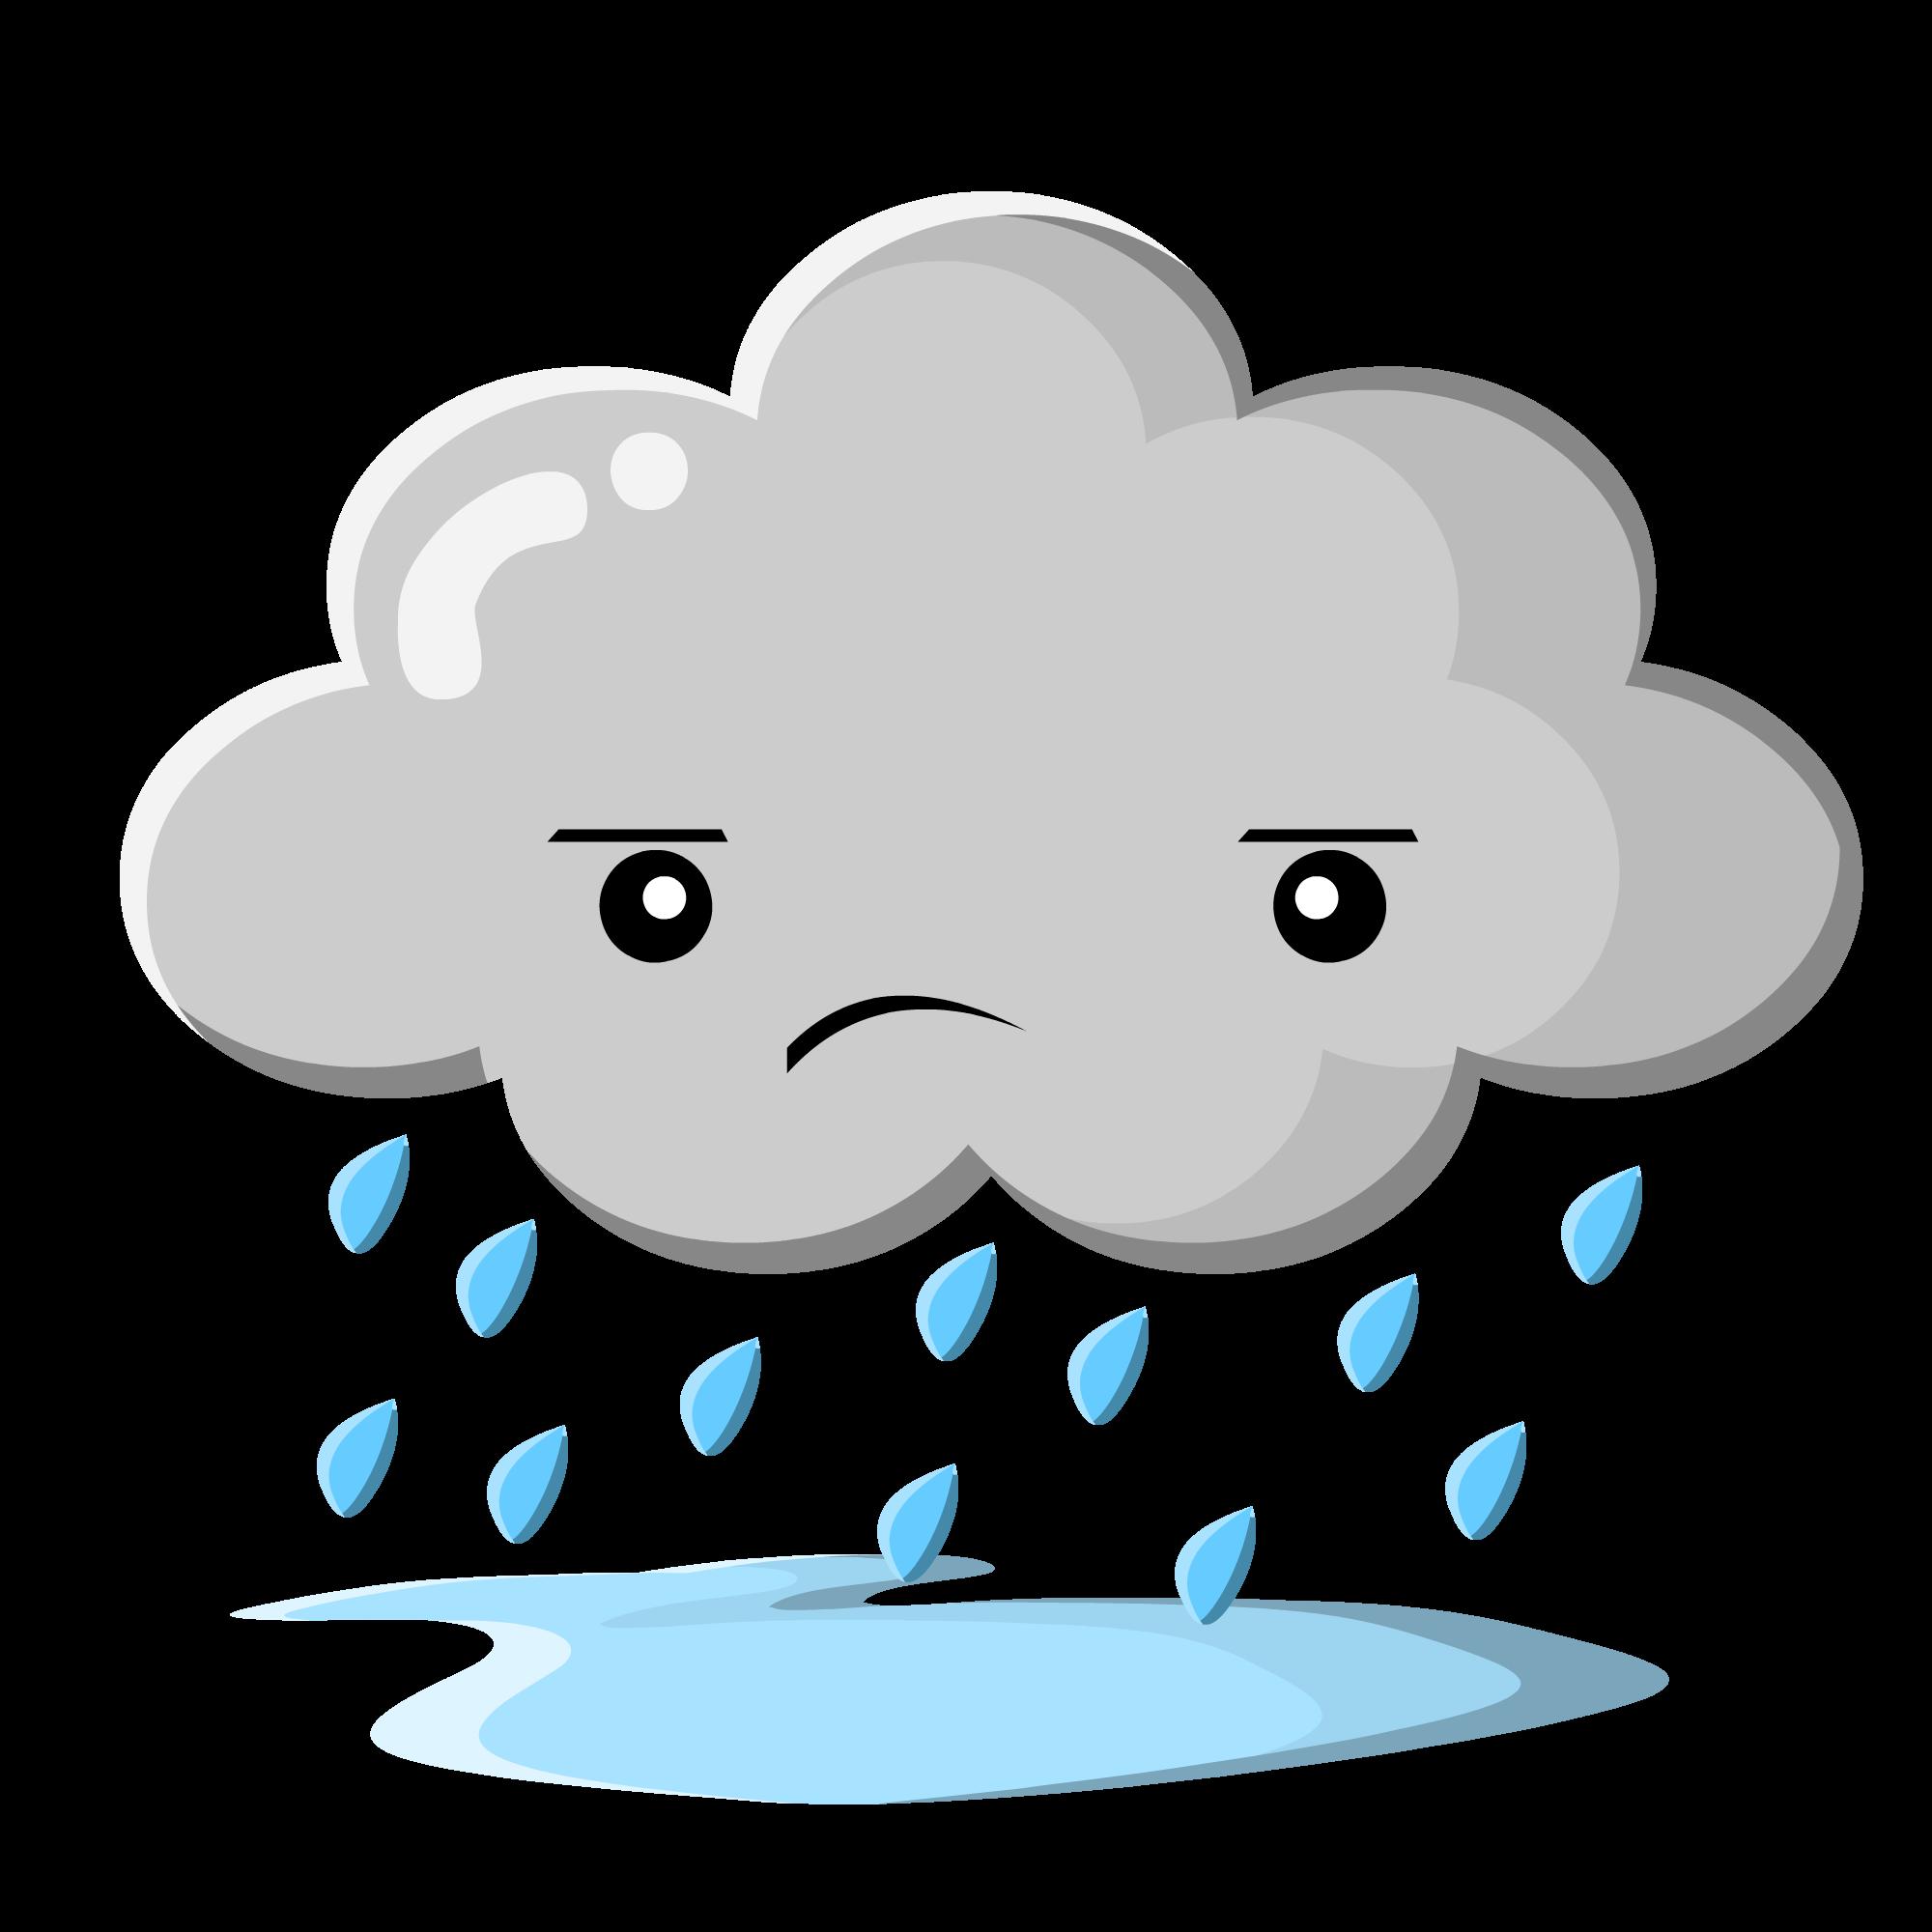 Rain Cartoon Clipart - Clipart Suggest